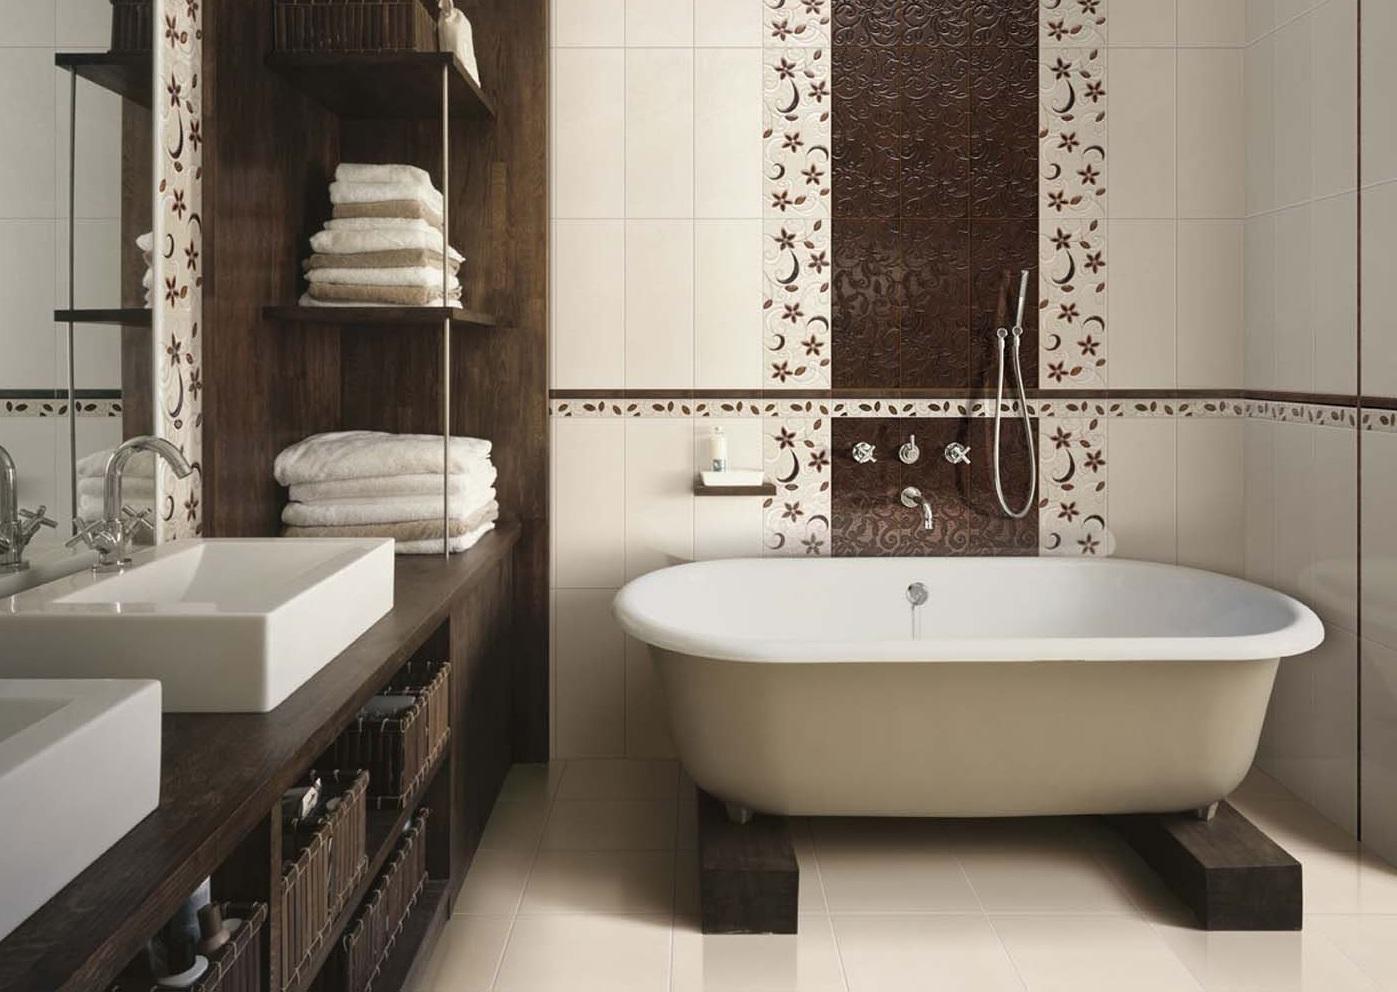 En samling idéer till badrumsplattor